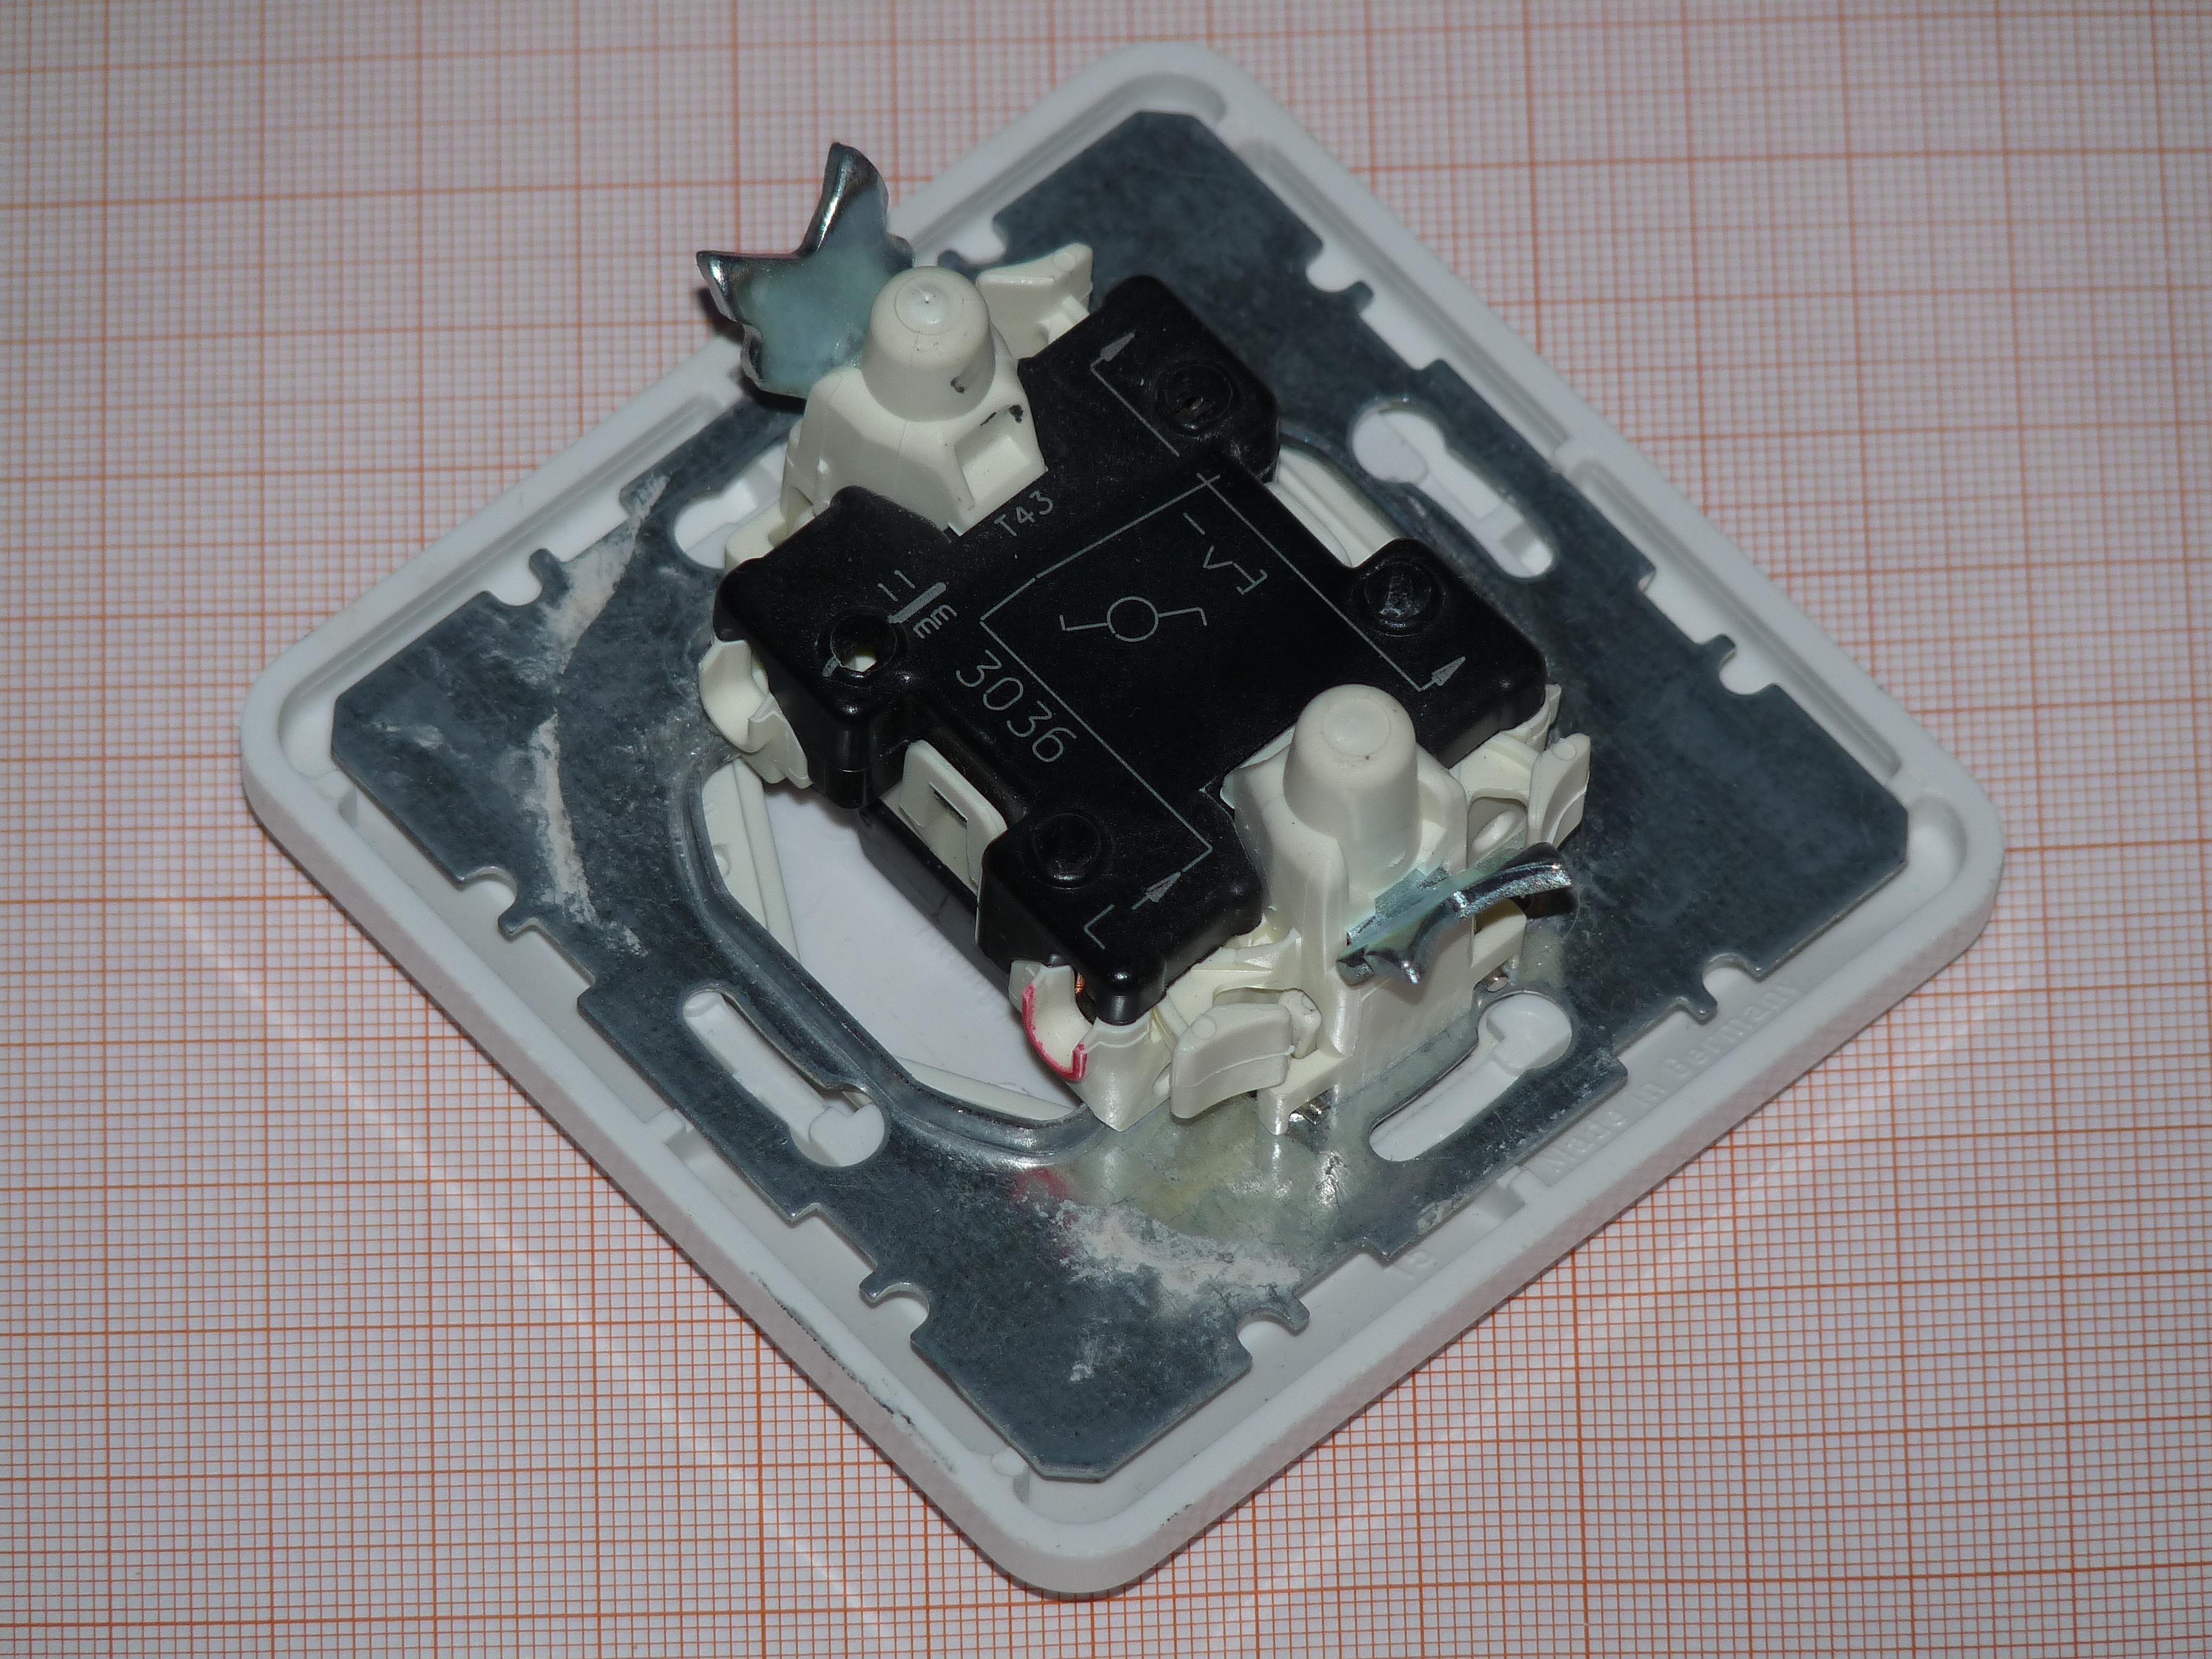 File:BERKER multiway light switch.JPG - Wikimedia Commons